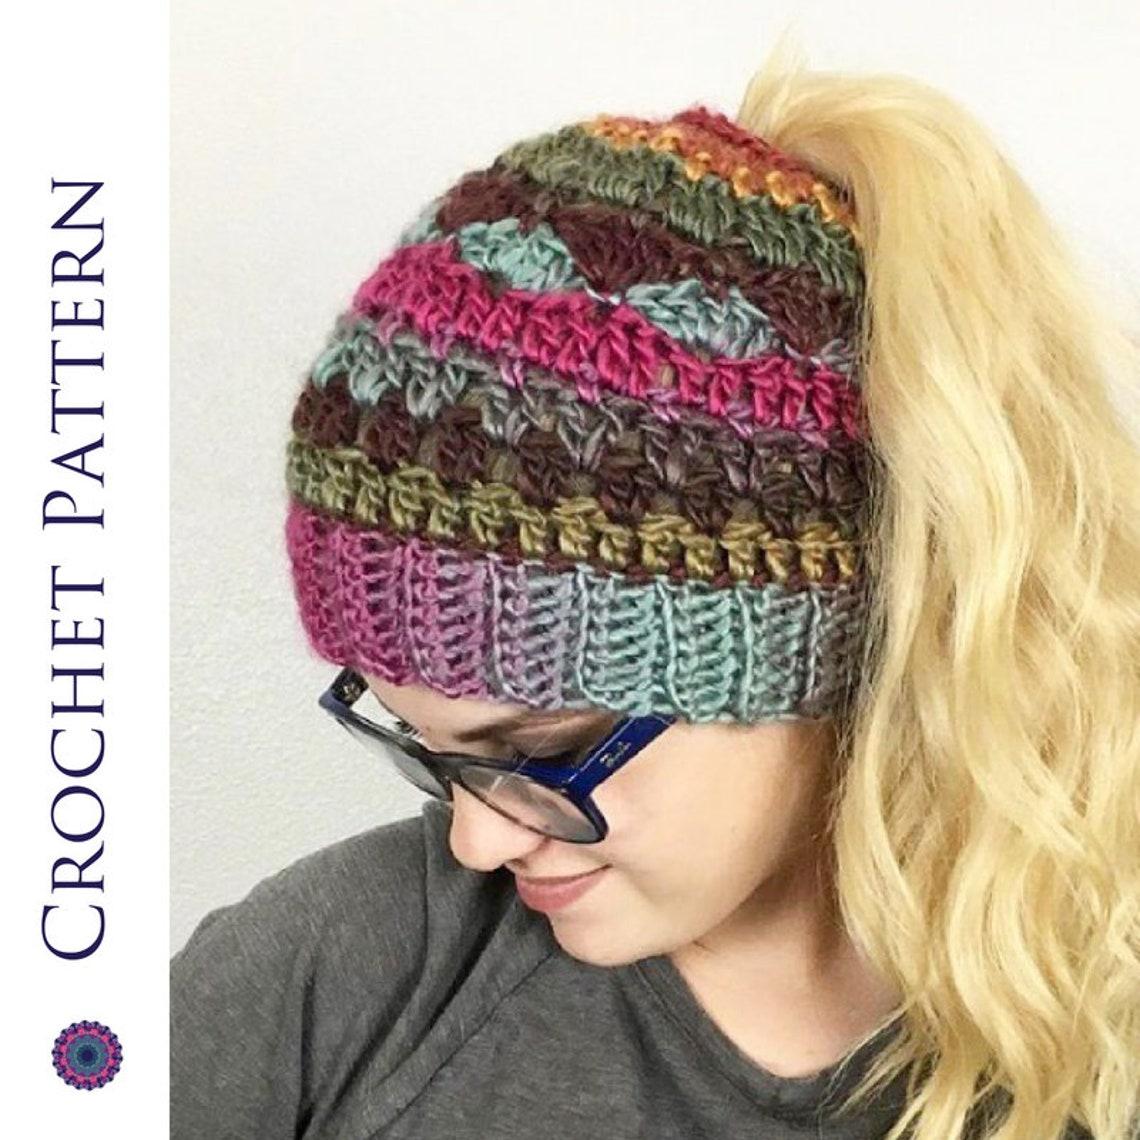 In self striping messy bun hat crochet pattern etsy jpg 1140x1140 Bun hat  beehive crochet pattern 06d8d7e6342